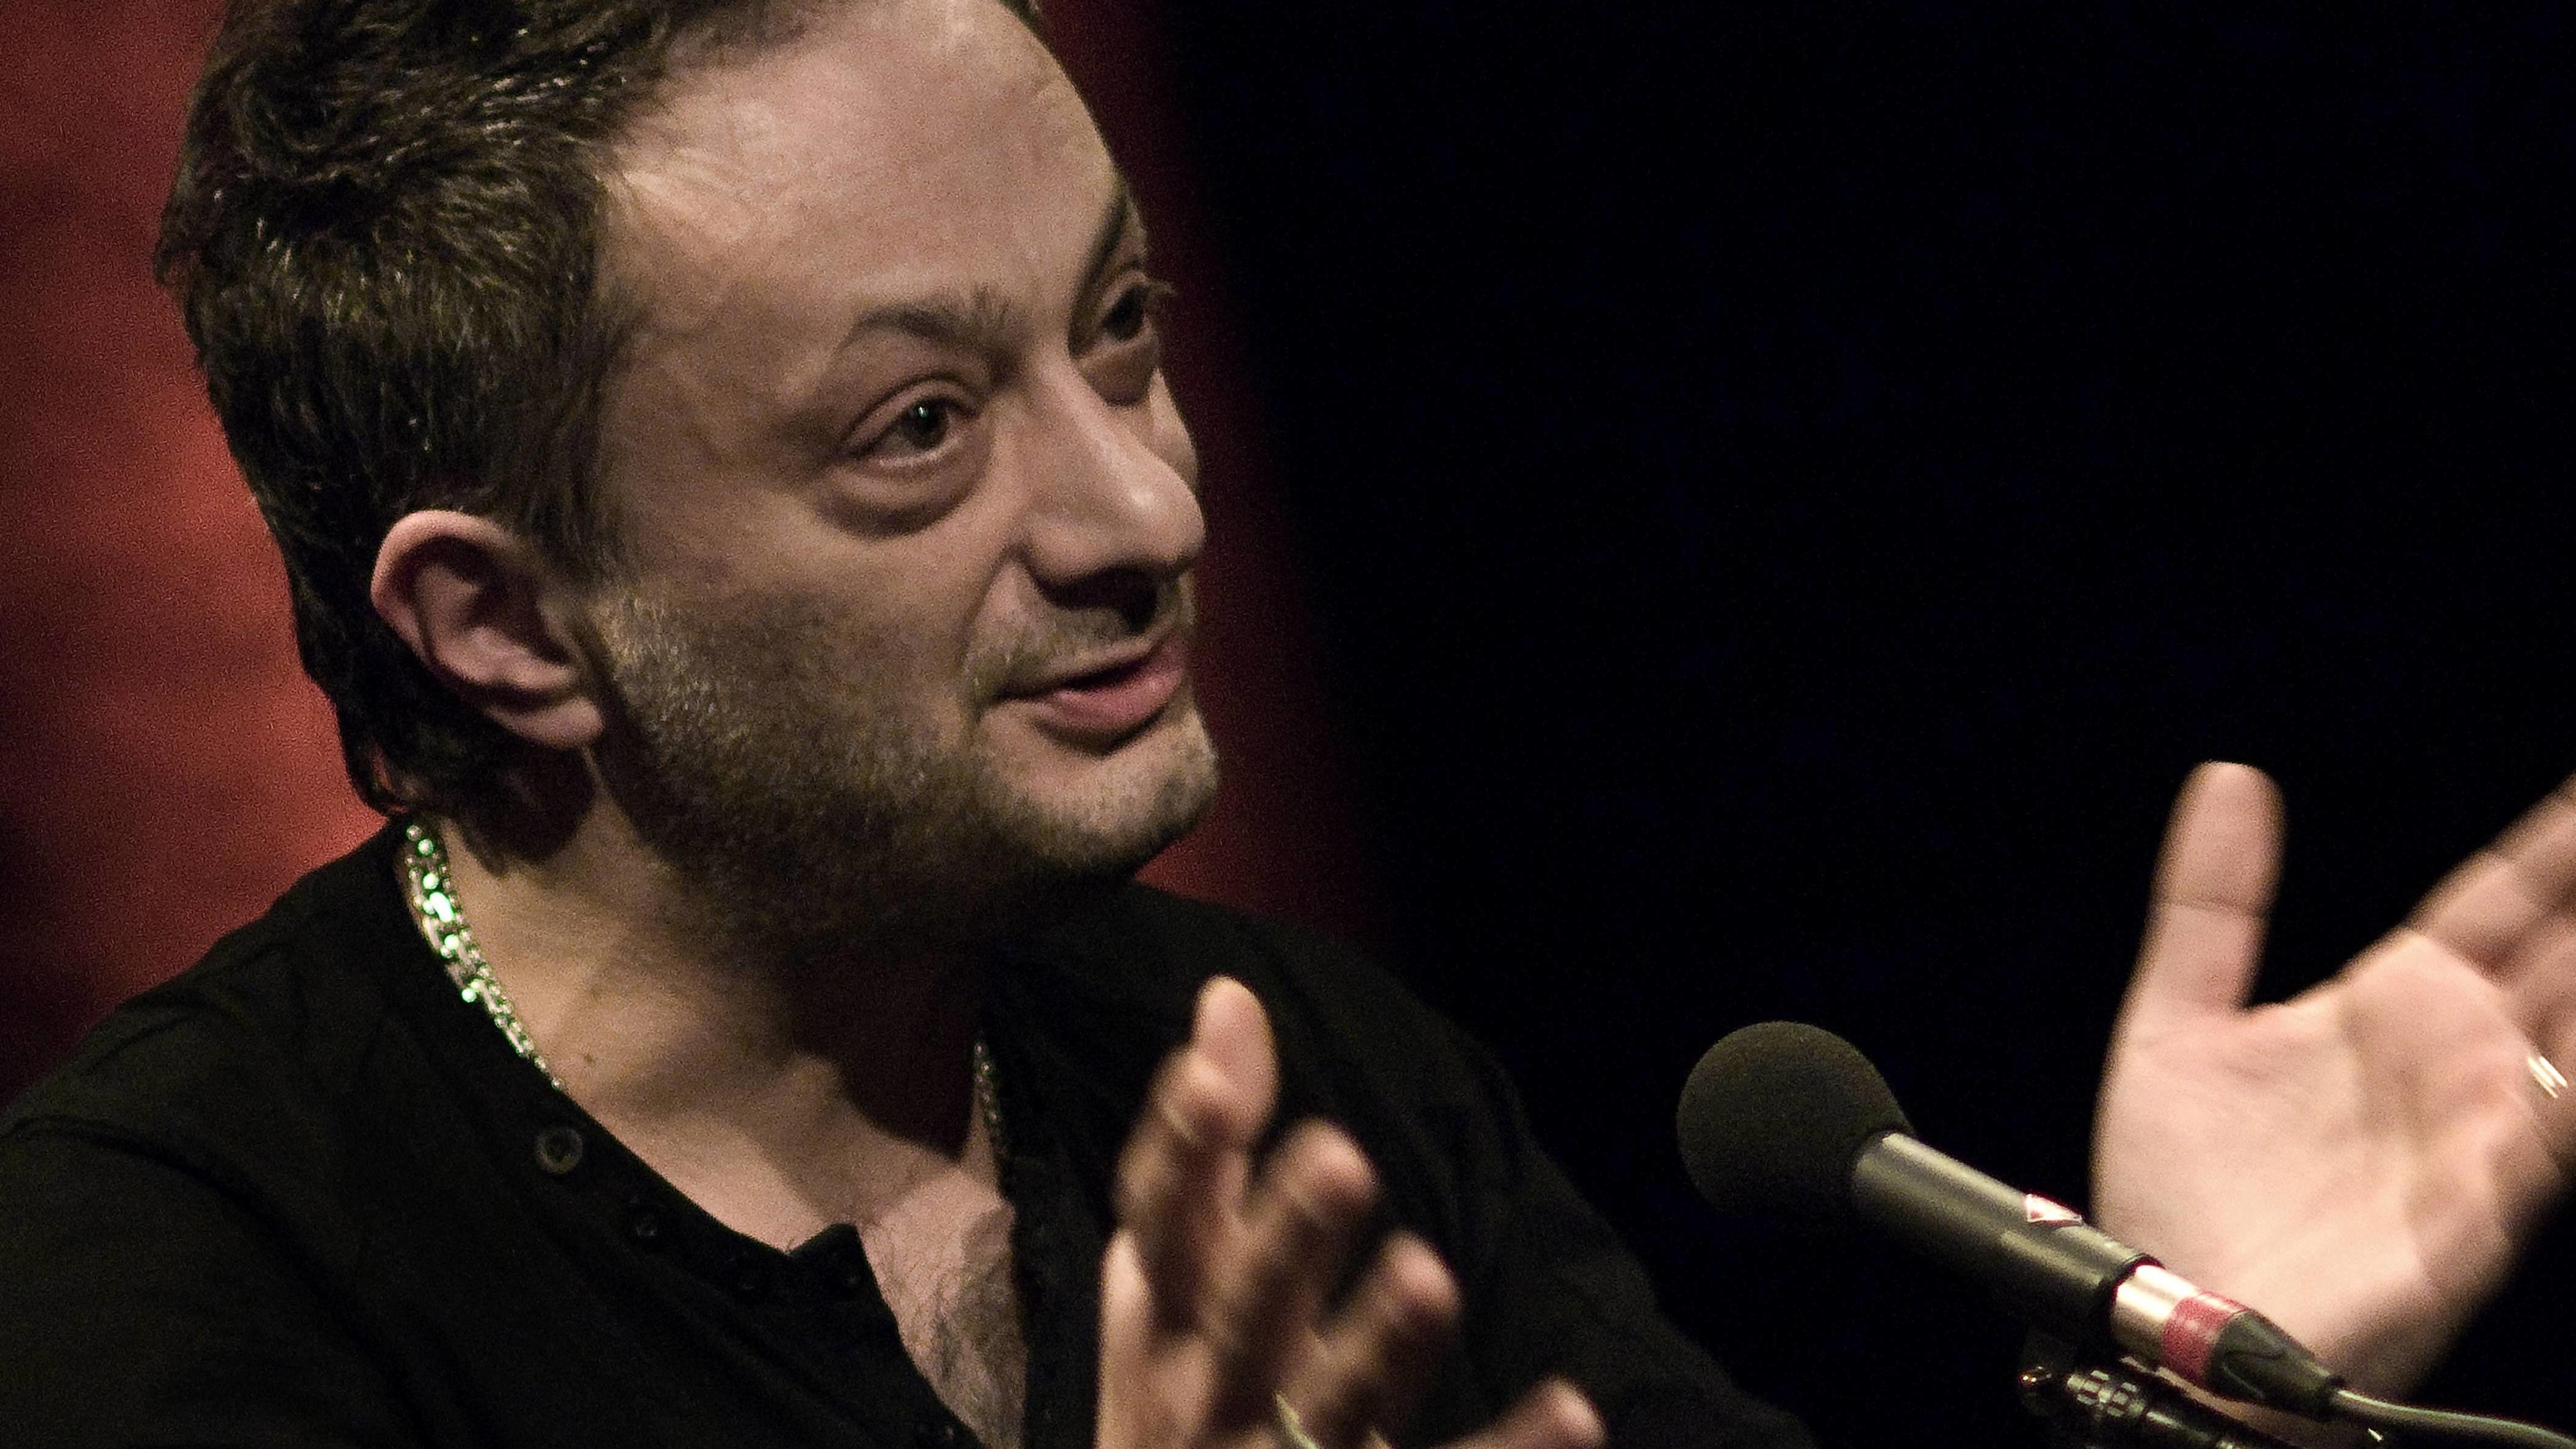 Schriftsteller Feridun Zaimoglu spricht in ein Mikrofon